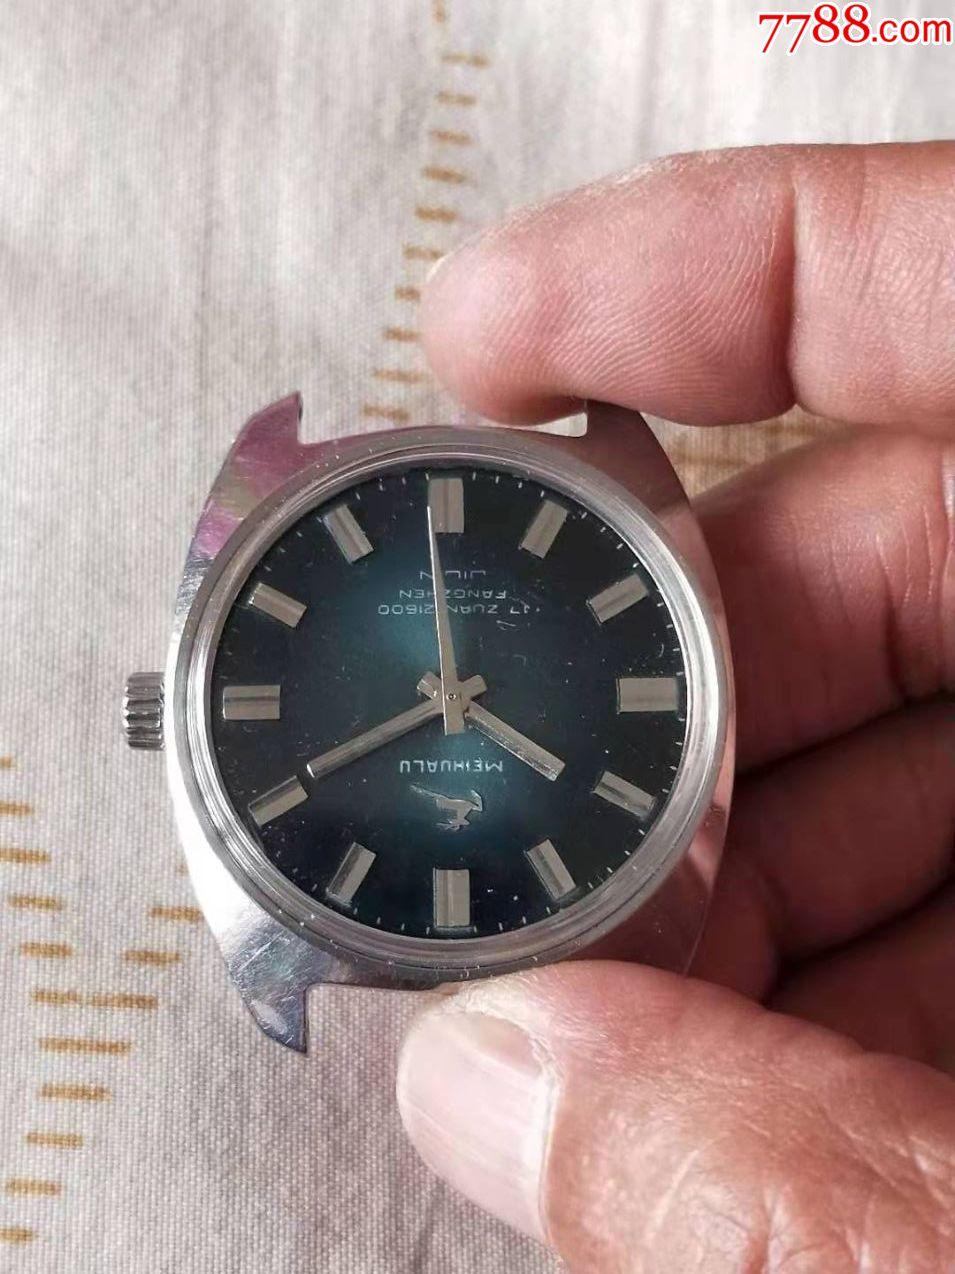 梅花鹿彩色�P_手表/腕表_第3��_7788�表收藏